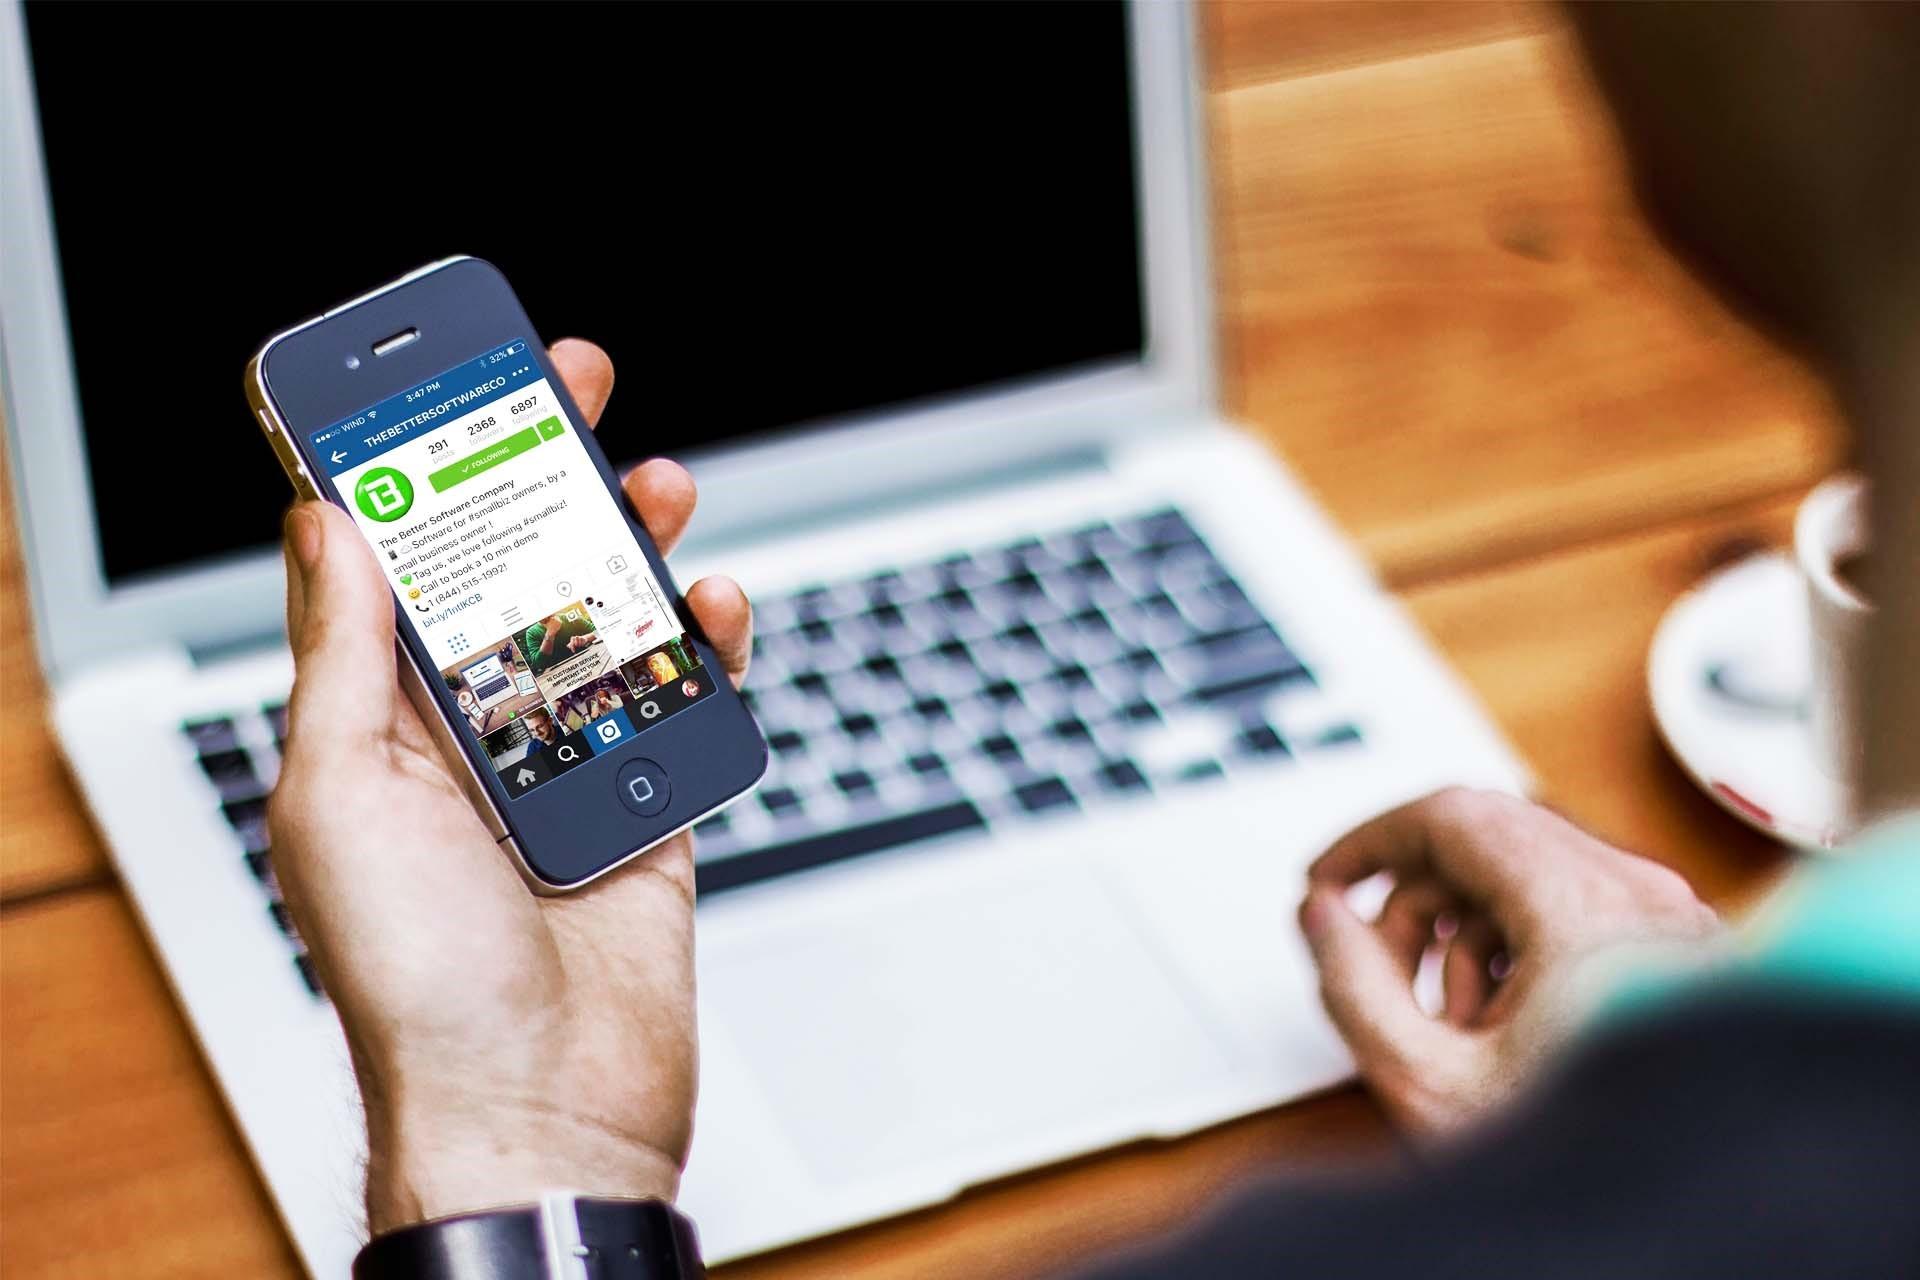 Инструкция по поиску аккаунтов в социальных сетях по номеру телефона